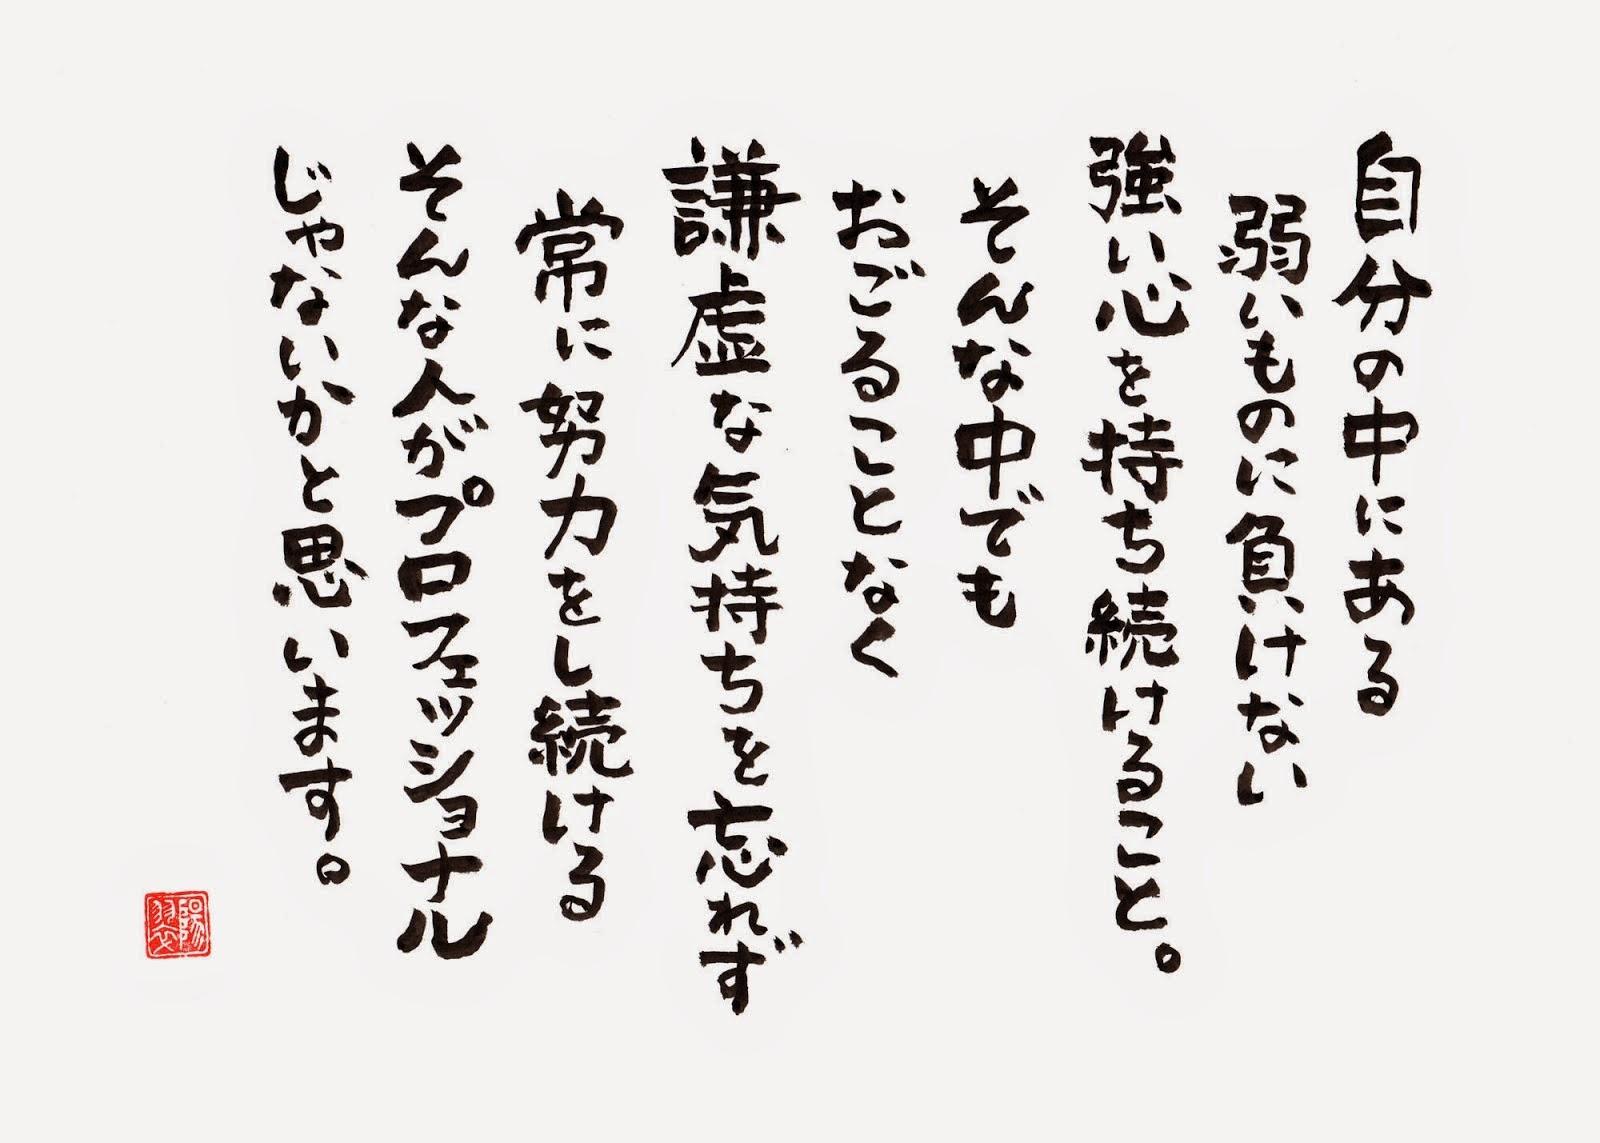 茶師十段 前田文男師の言葉